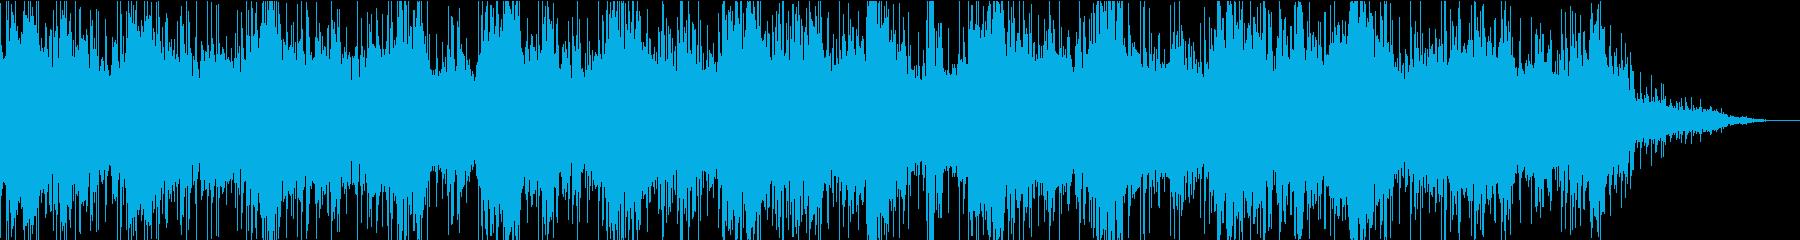 Art of NoiseとEnig...の再生済みの波形